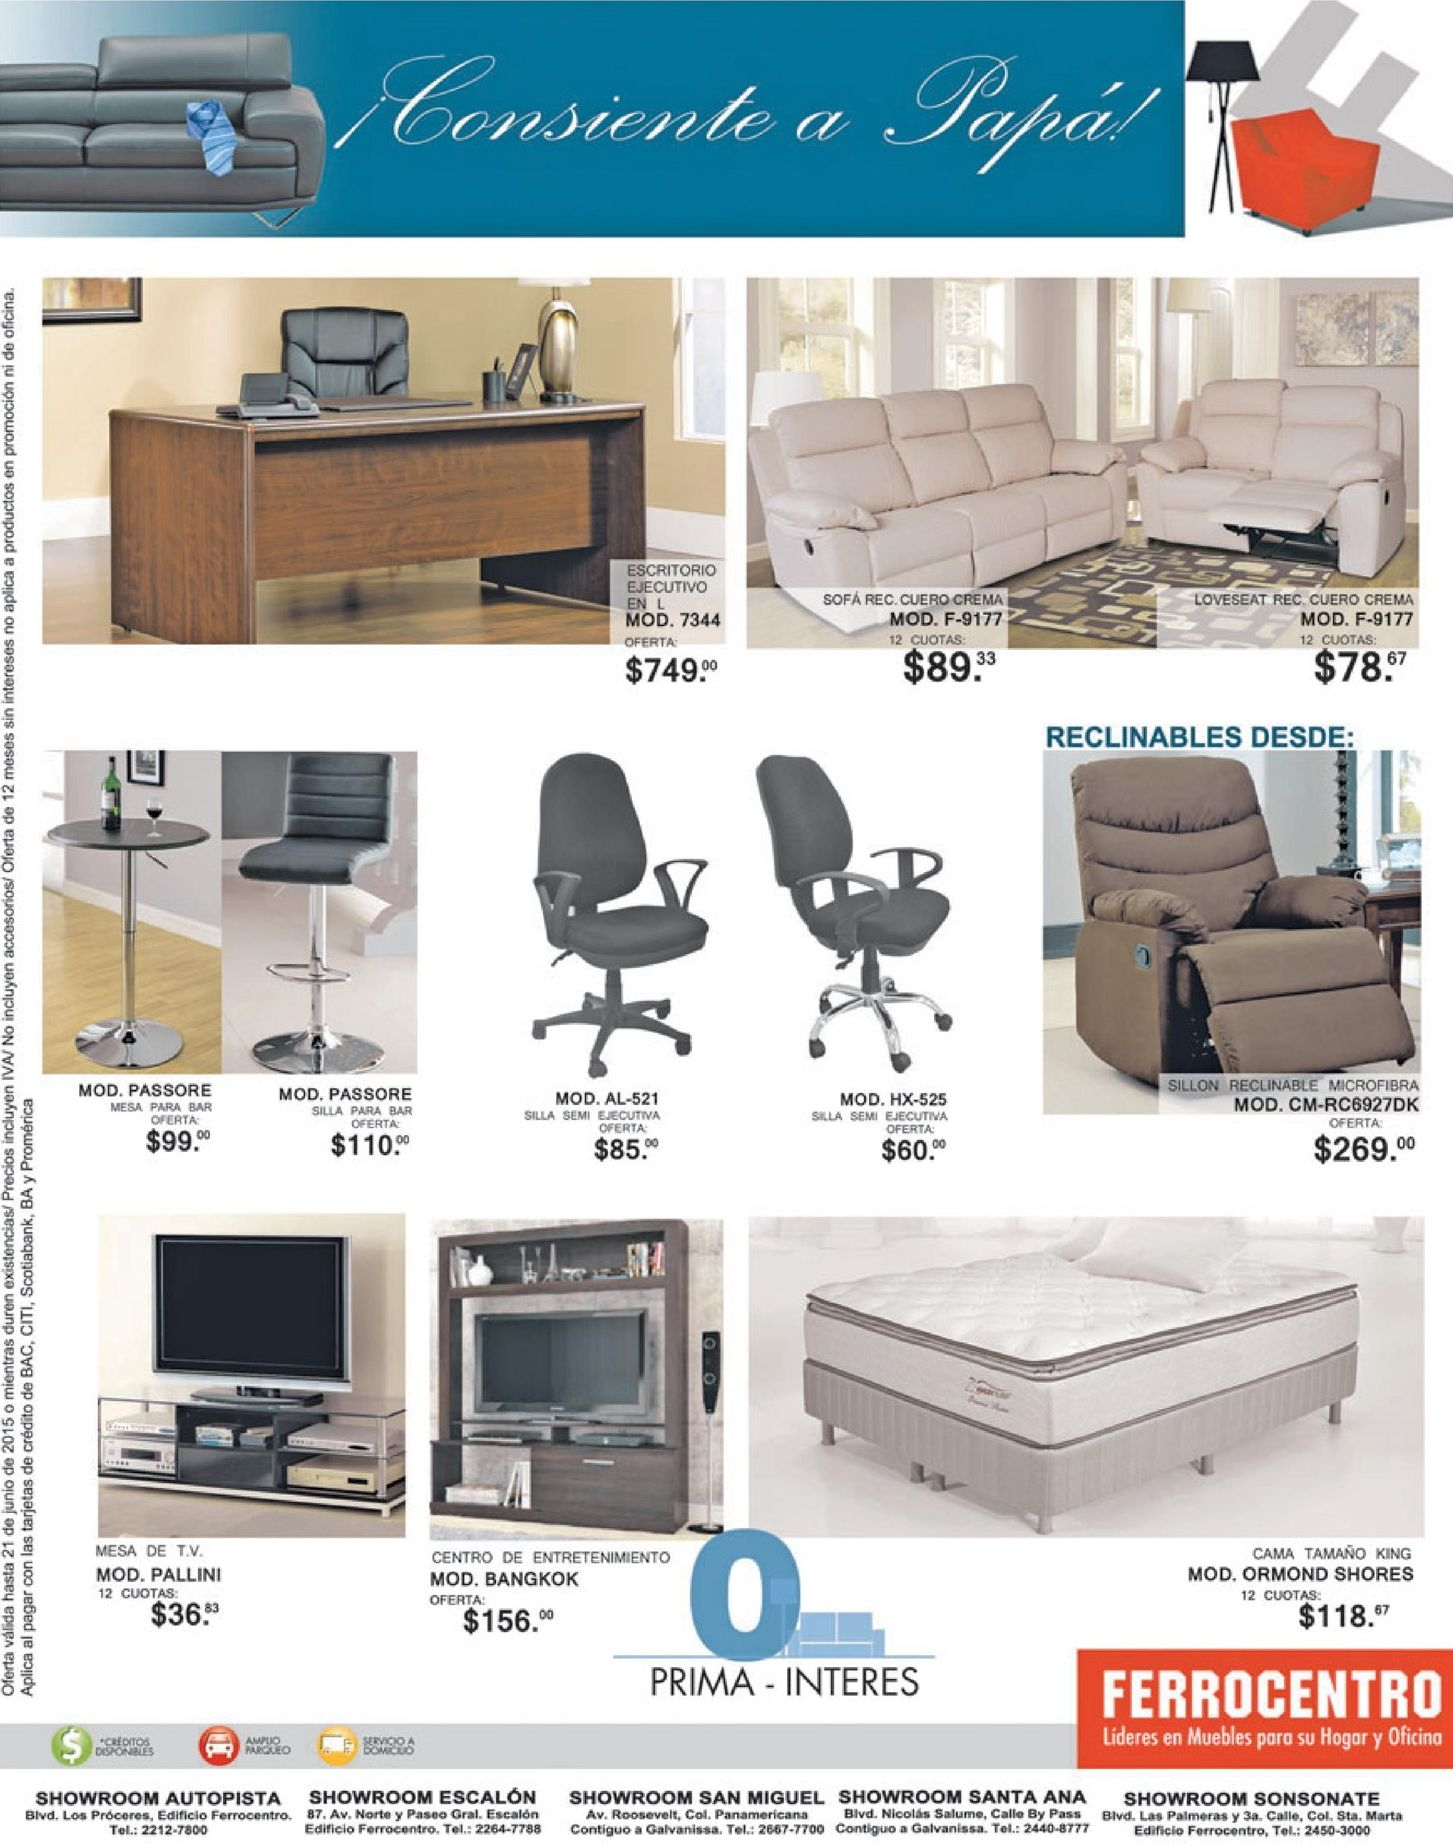 Muebles de calidad y estilo de lujo ferrocentro 16jun15 for Muebles calidad